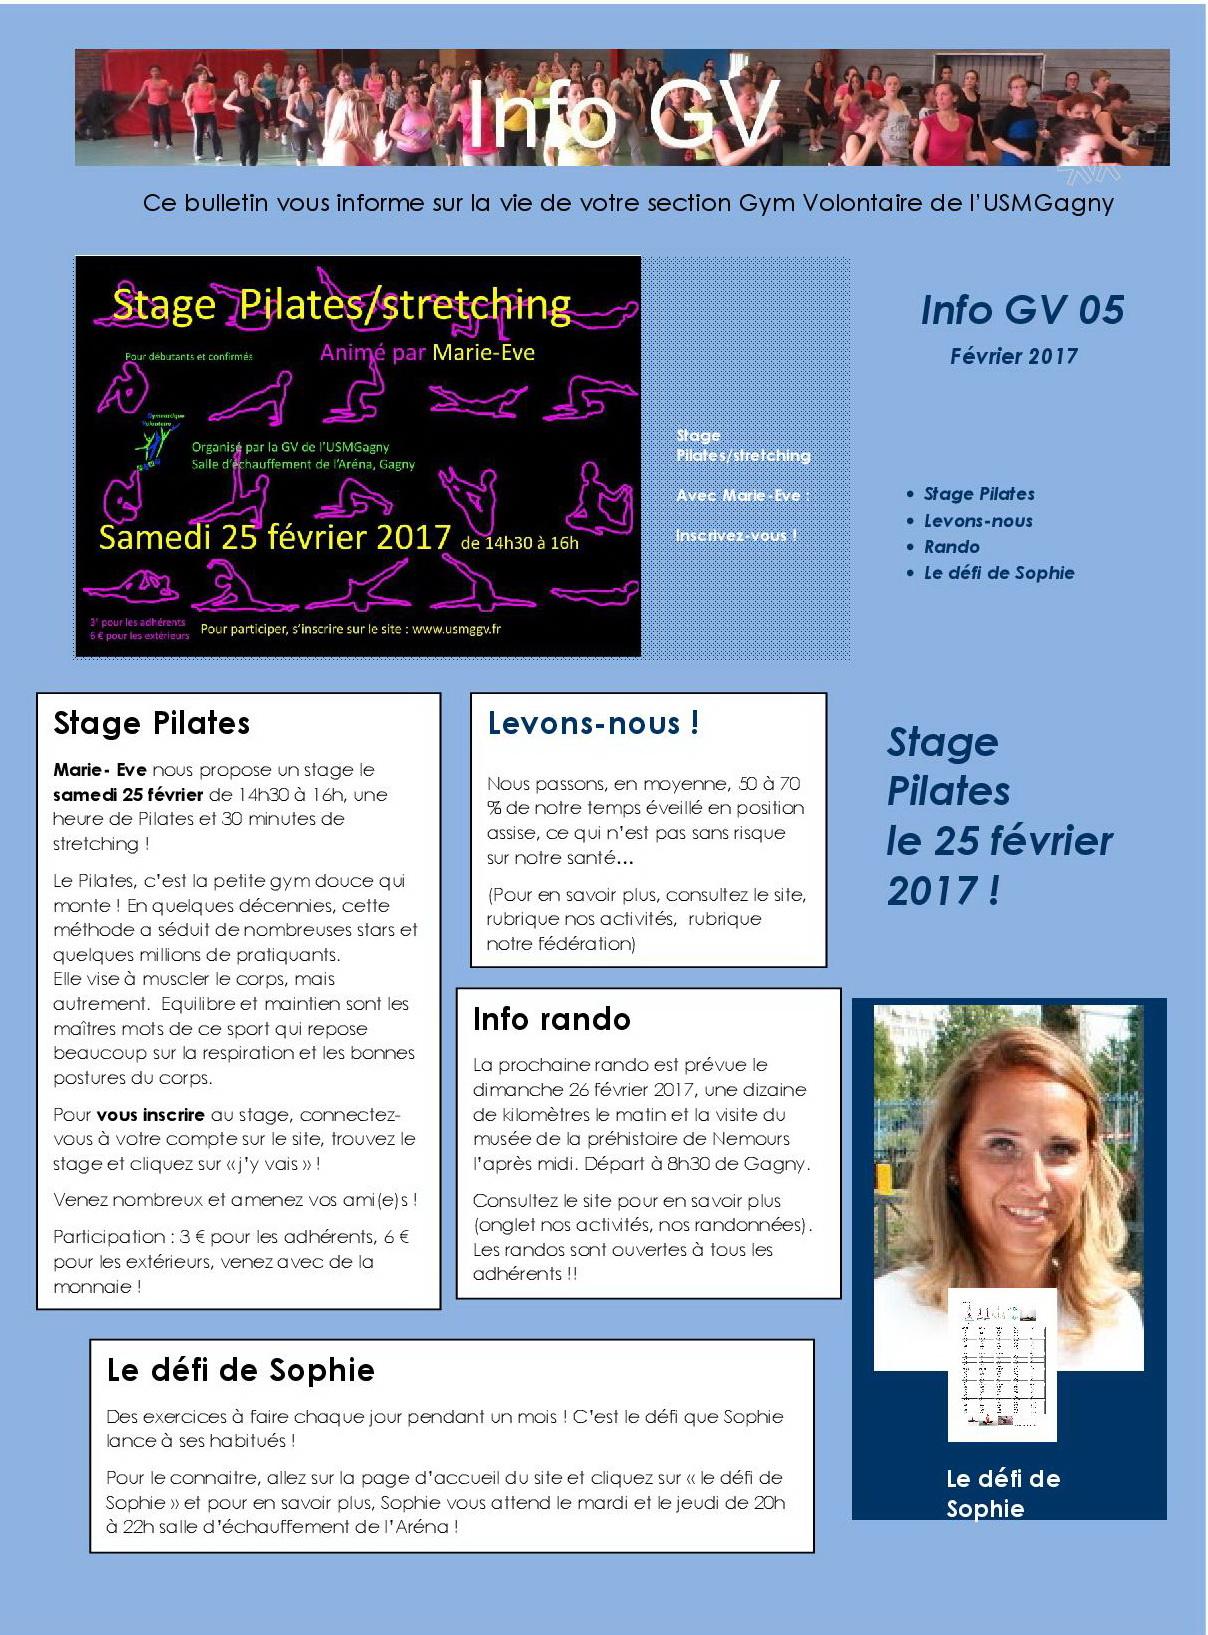 INFO GV 05